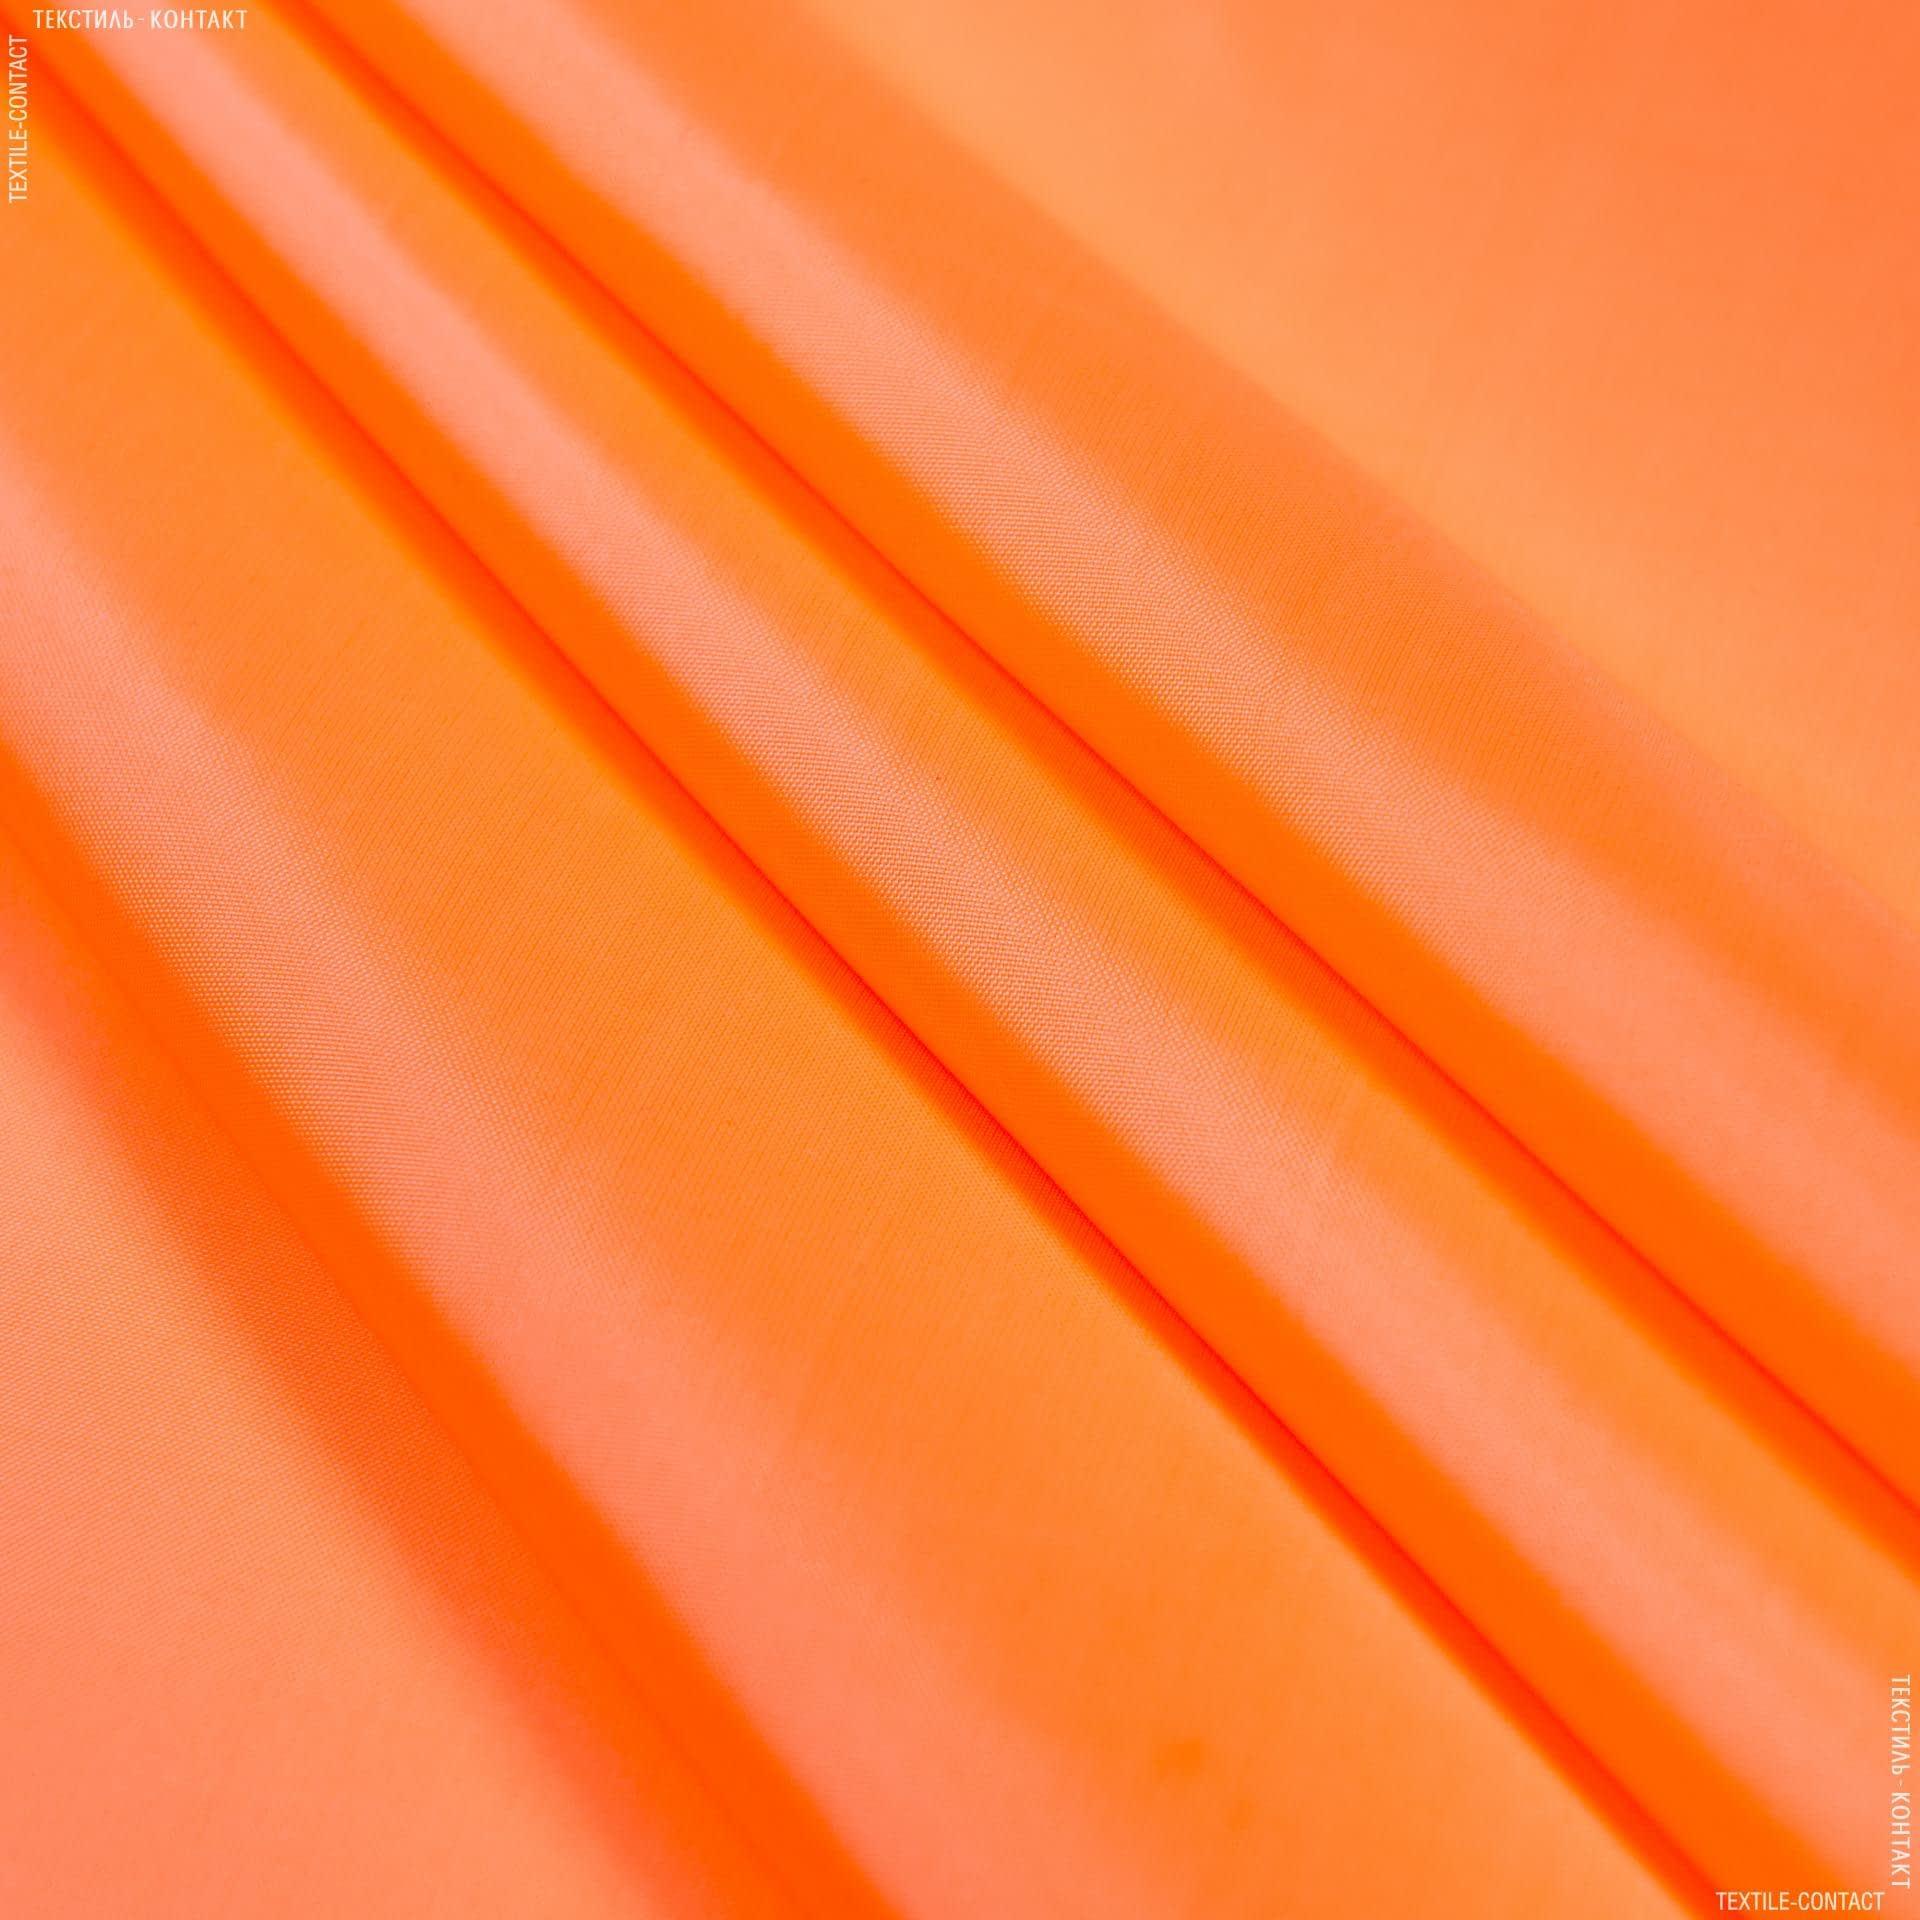 Тканини підкладкова тканина - Підкладка 190т помаранчевий